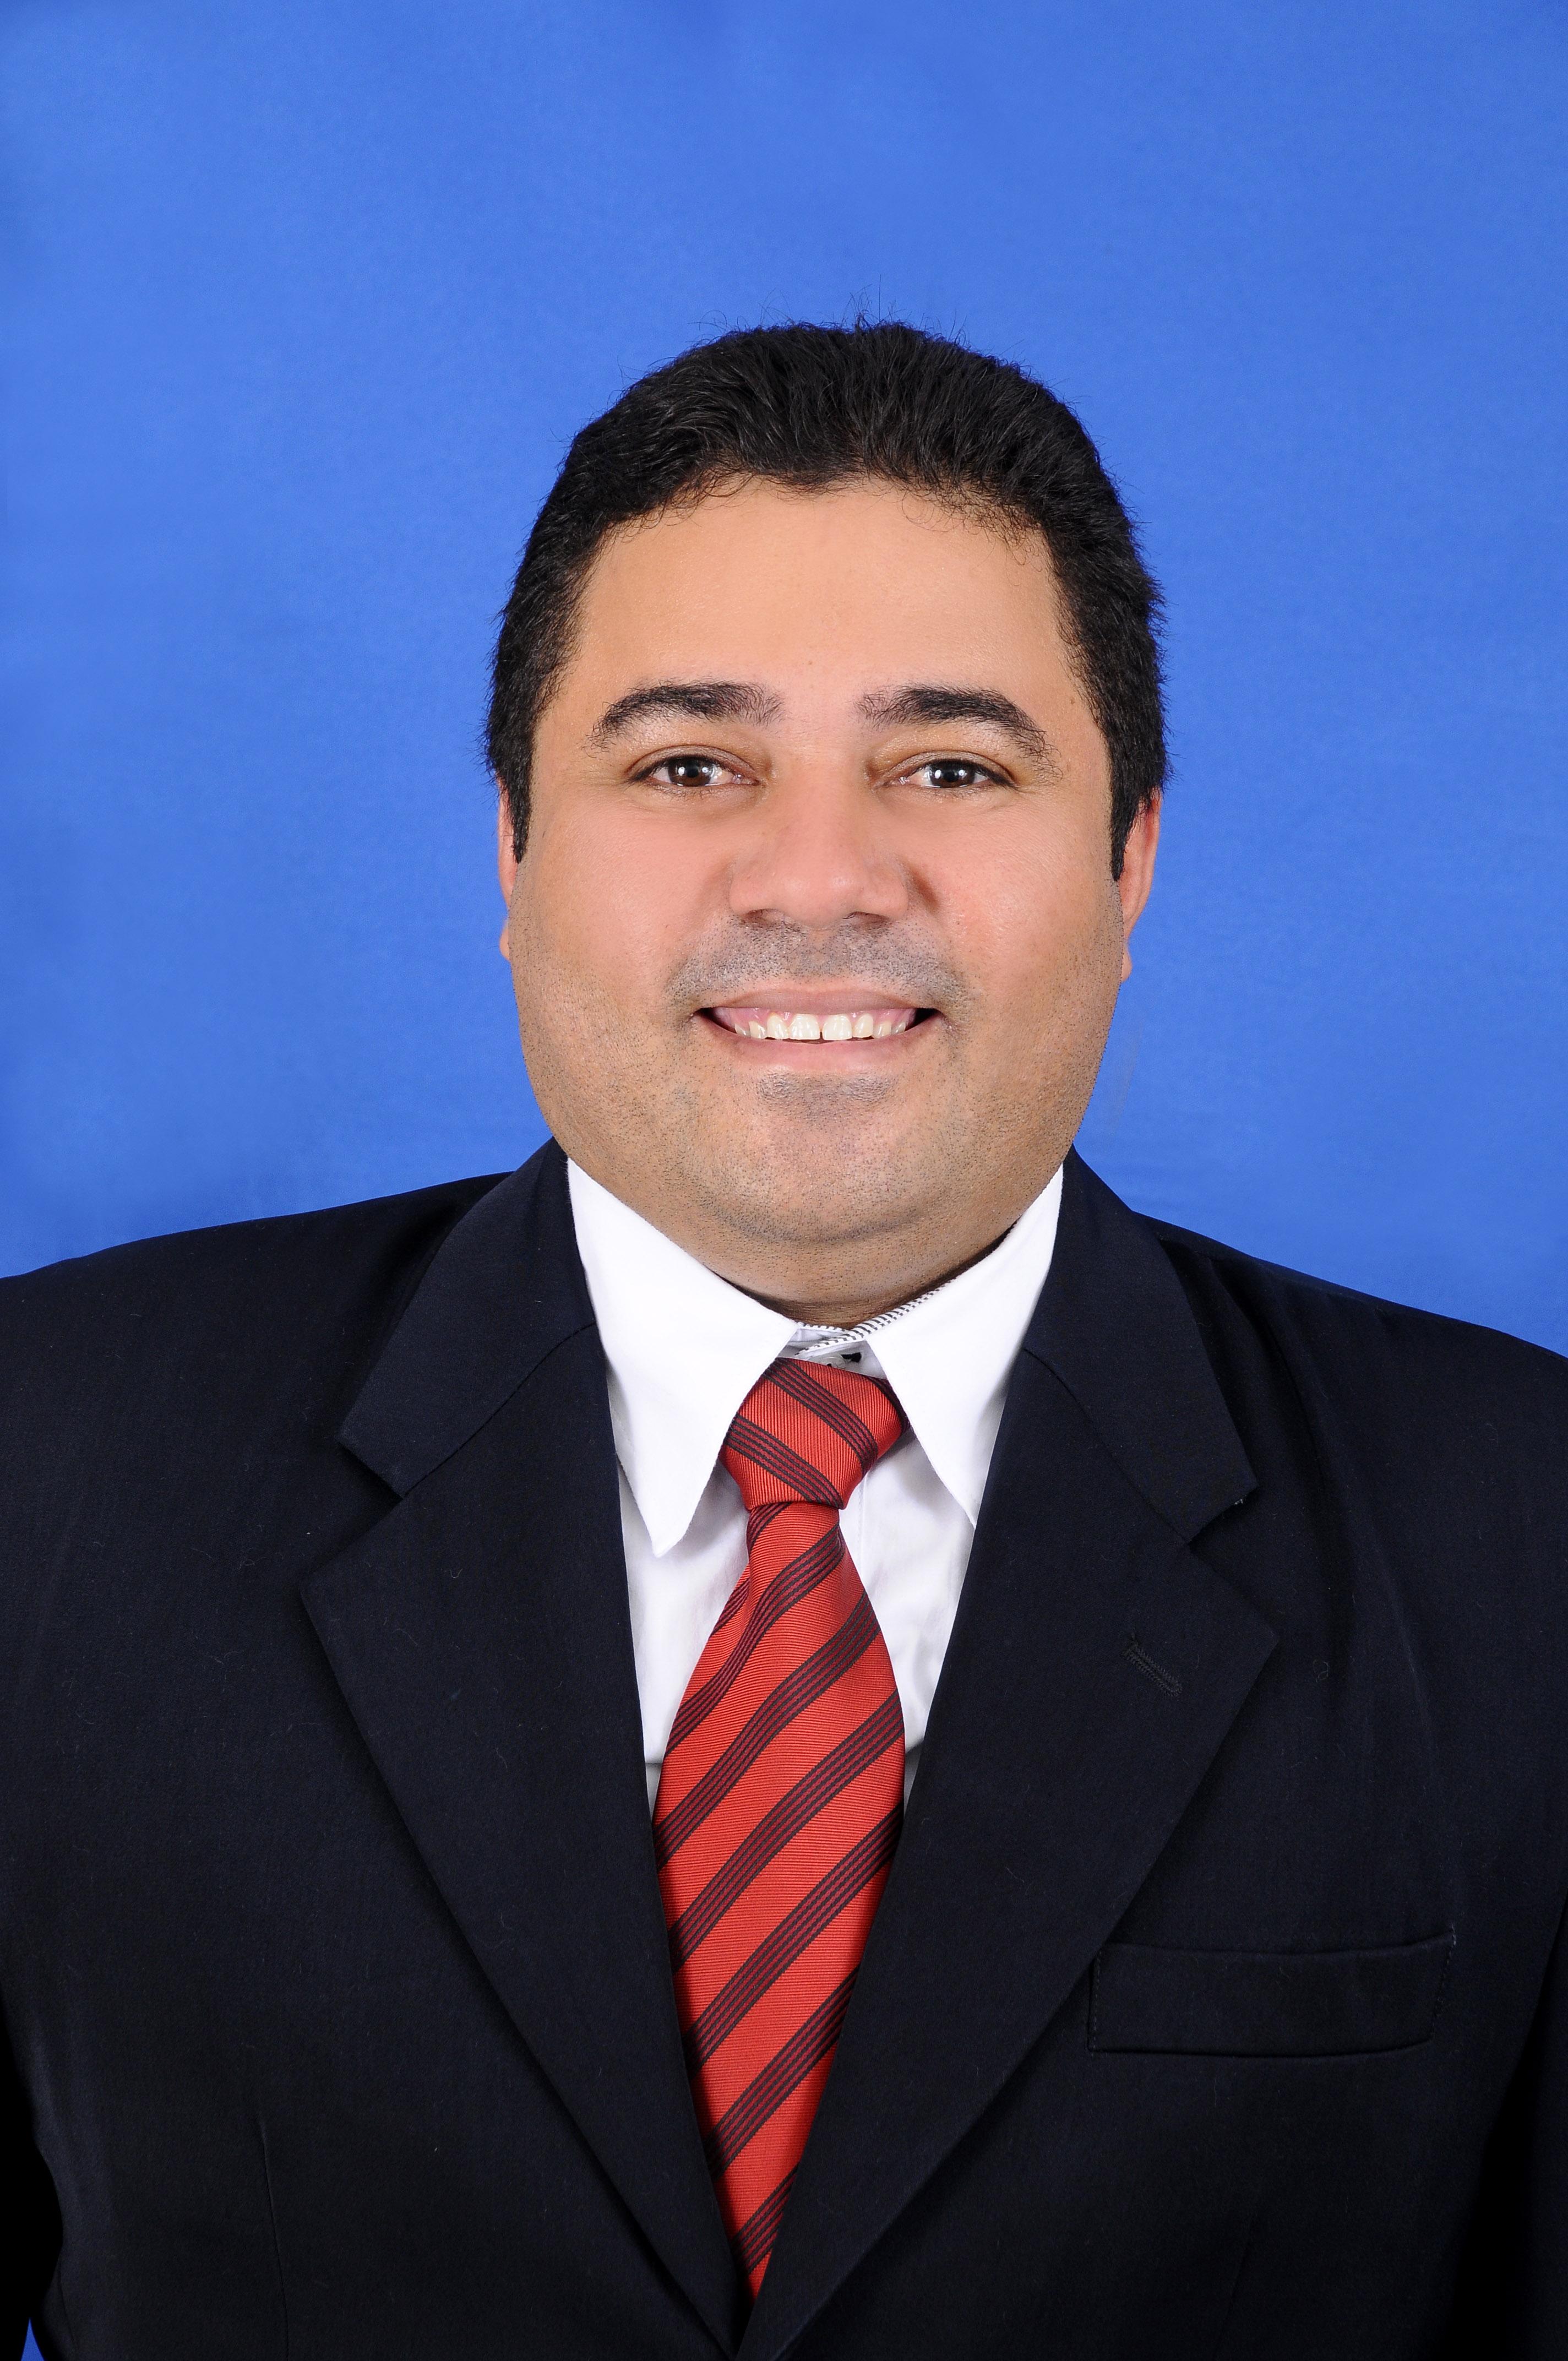 Carlos Andre Falcão Nogueira